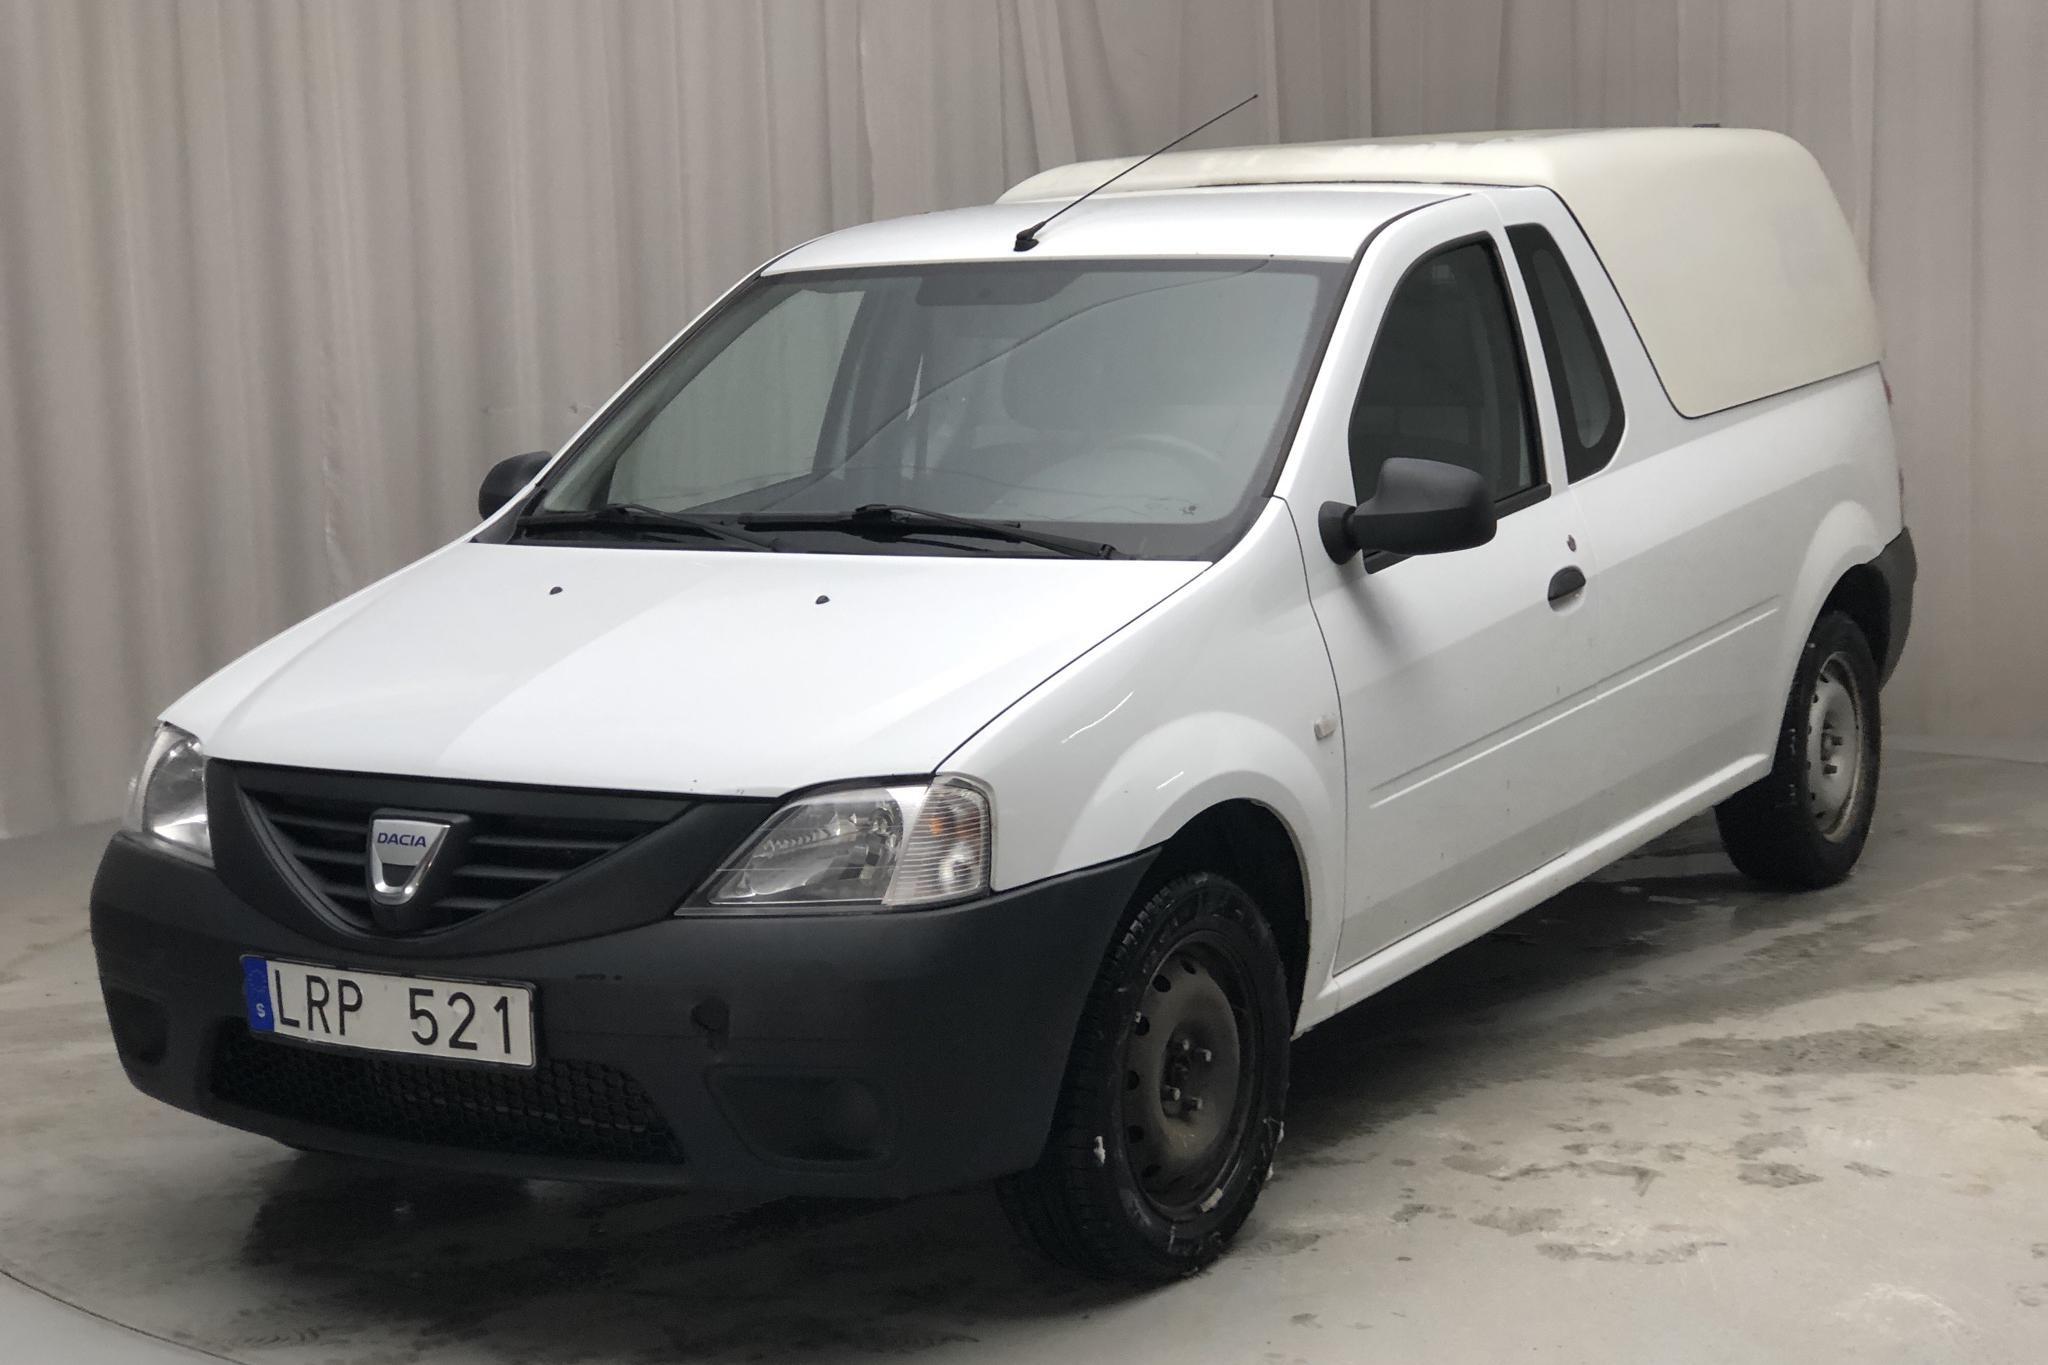 Dacia Logan 1.6 Pickup (85hk) - 173 460 km - Manual - white - 2011